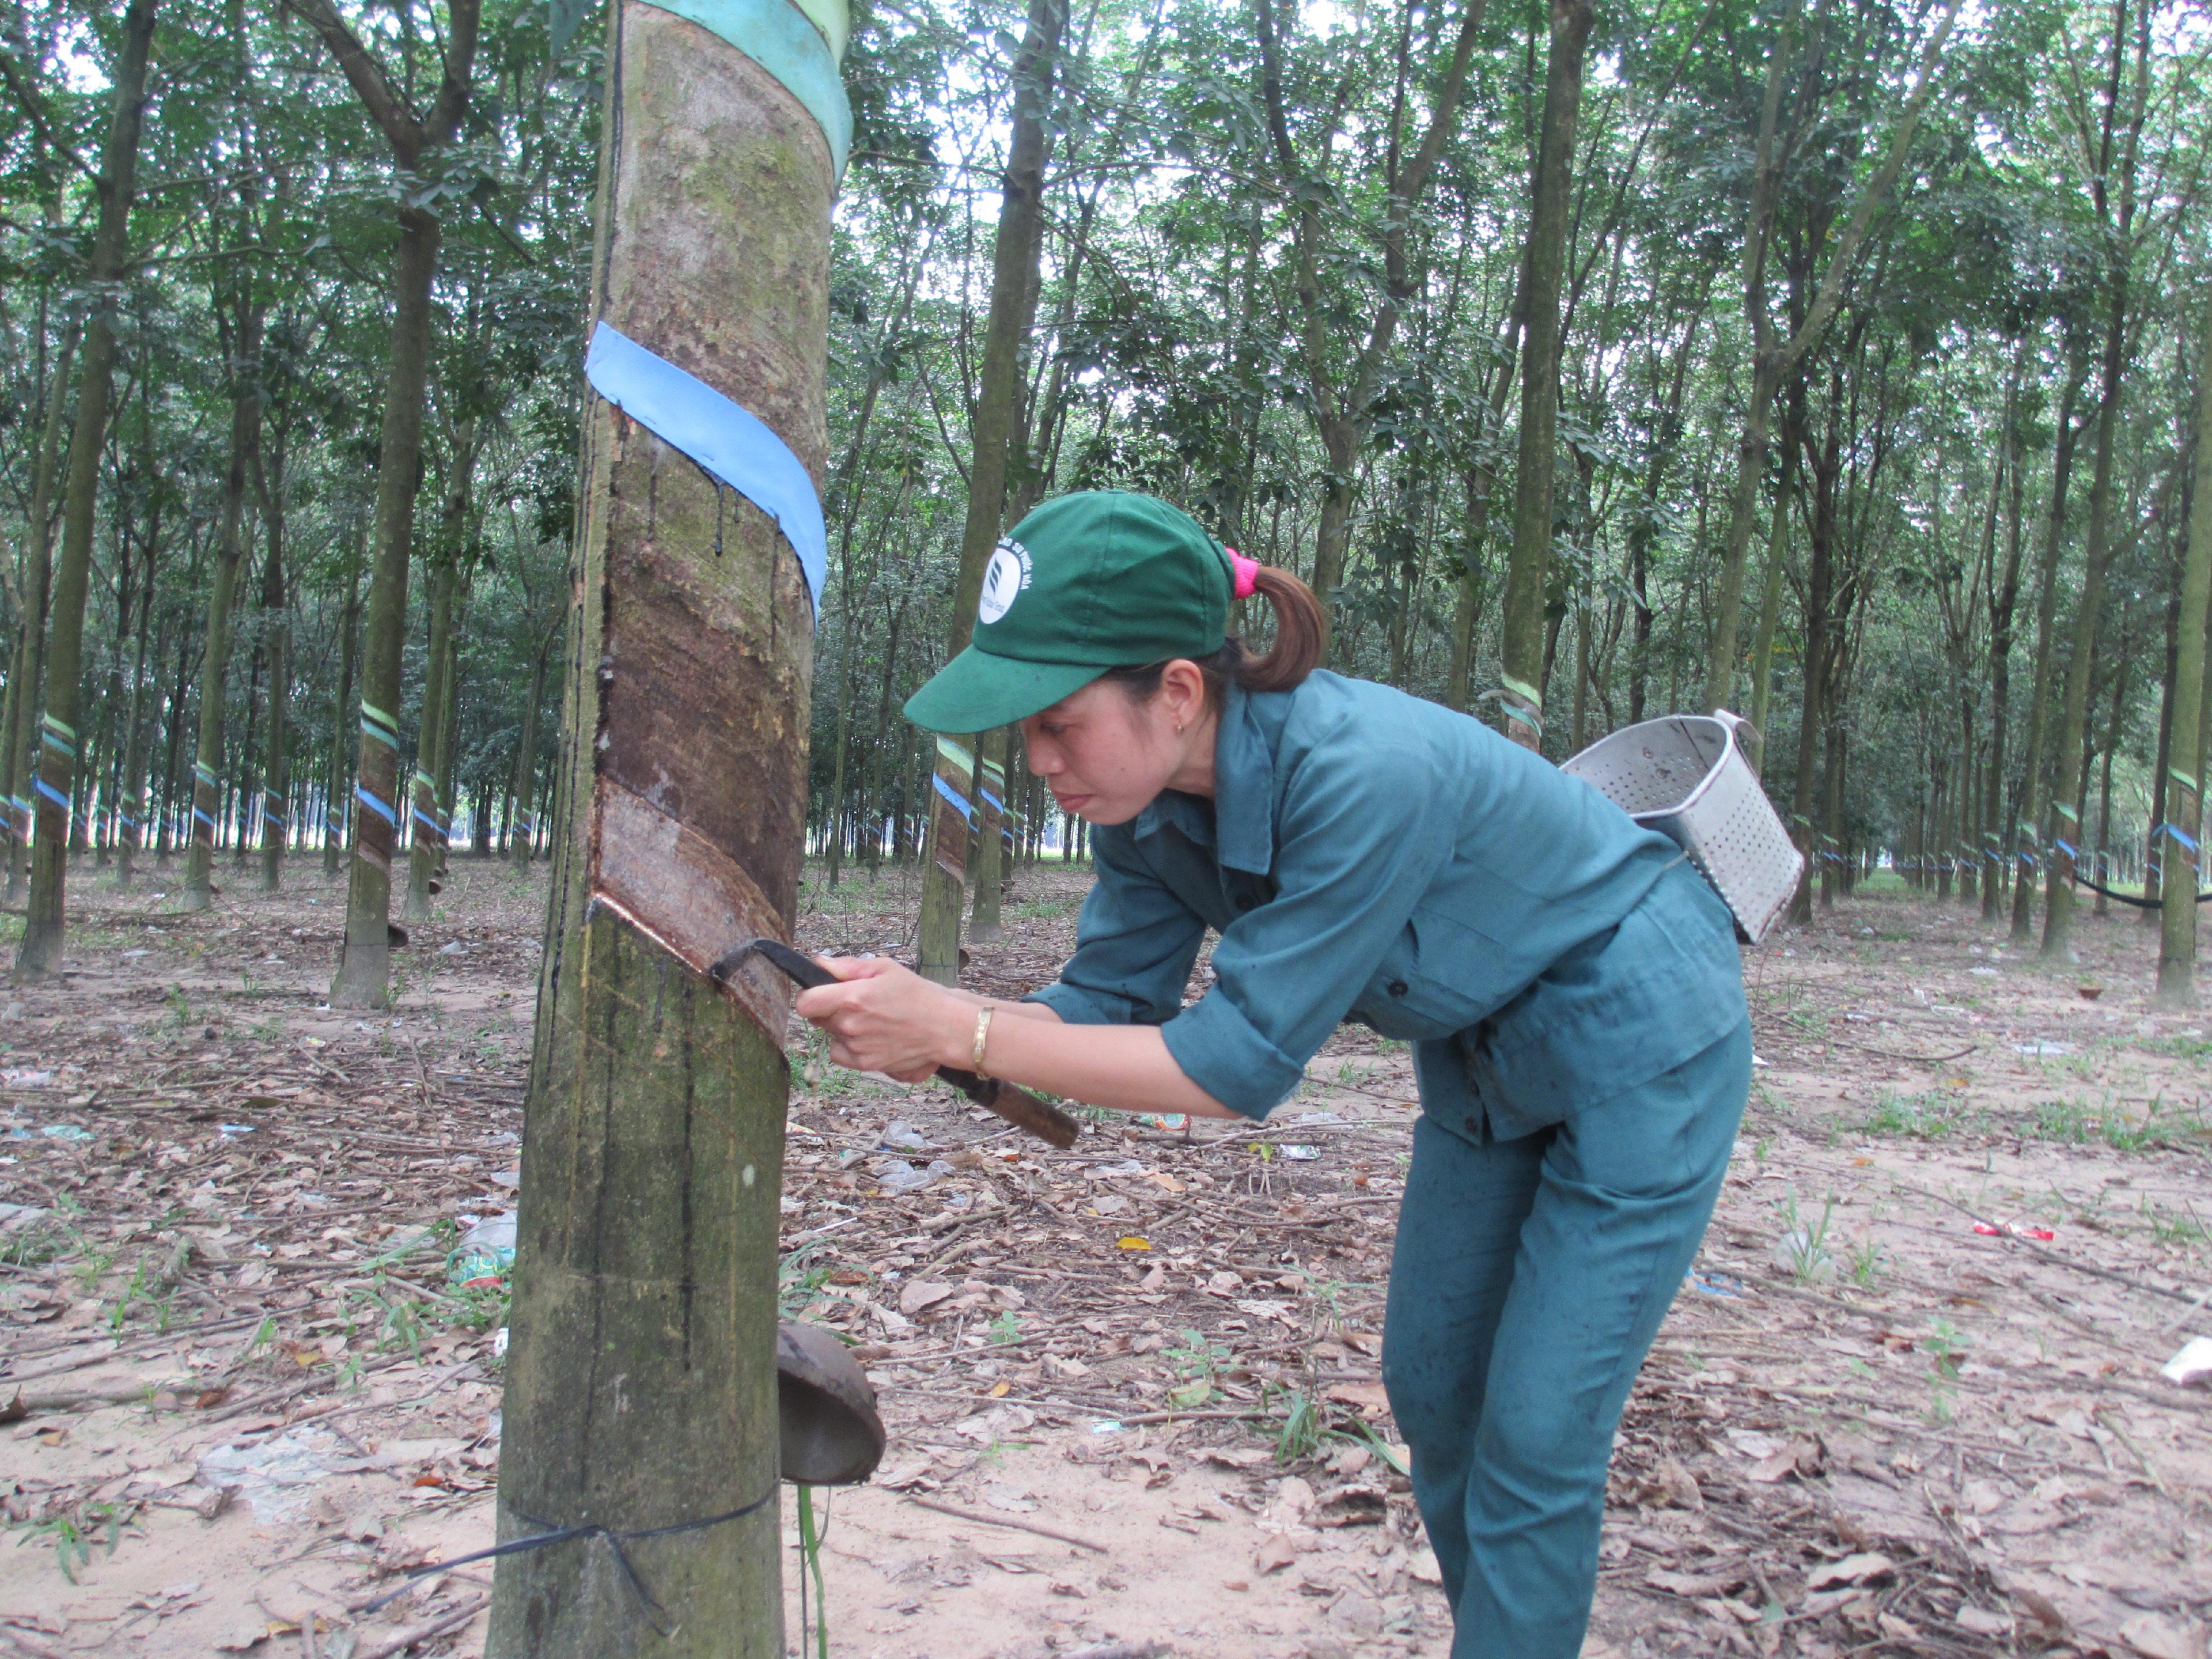 Propinsi Dien Bien mengurangi kemiskinan dari pohon karet